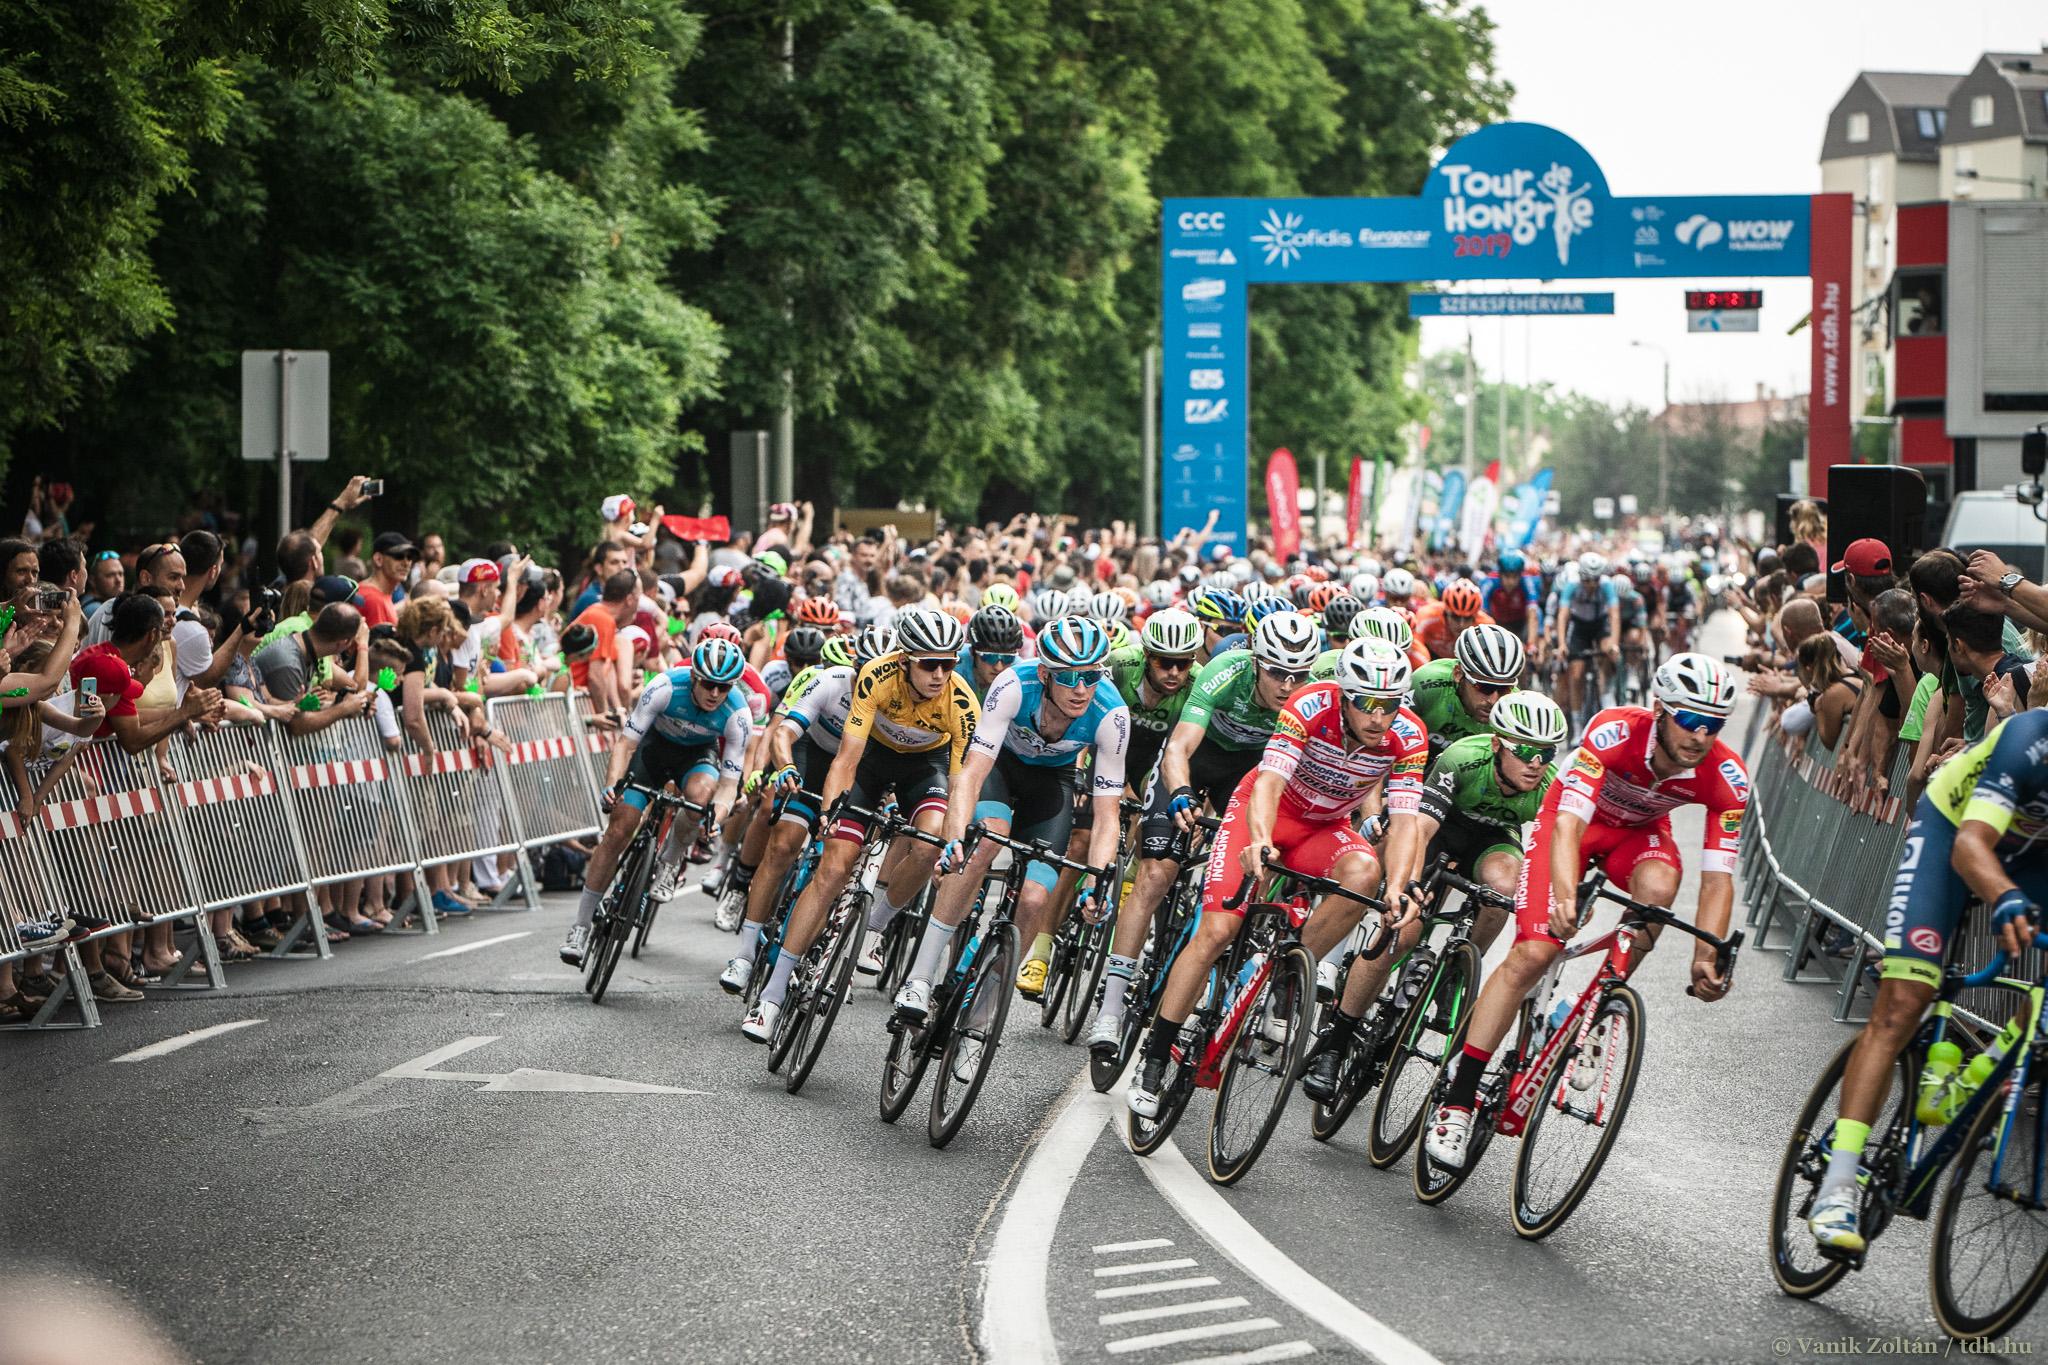 Holnap veszi kezdetét a Tour de Hongrie